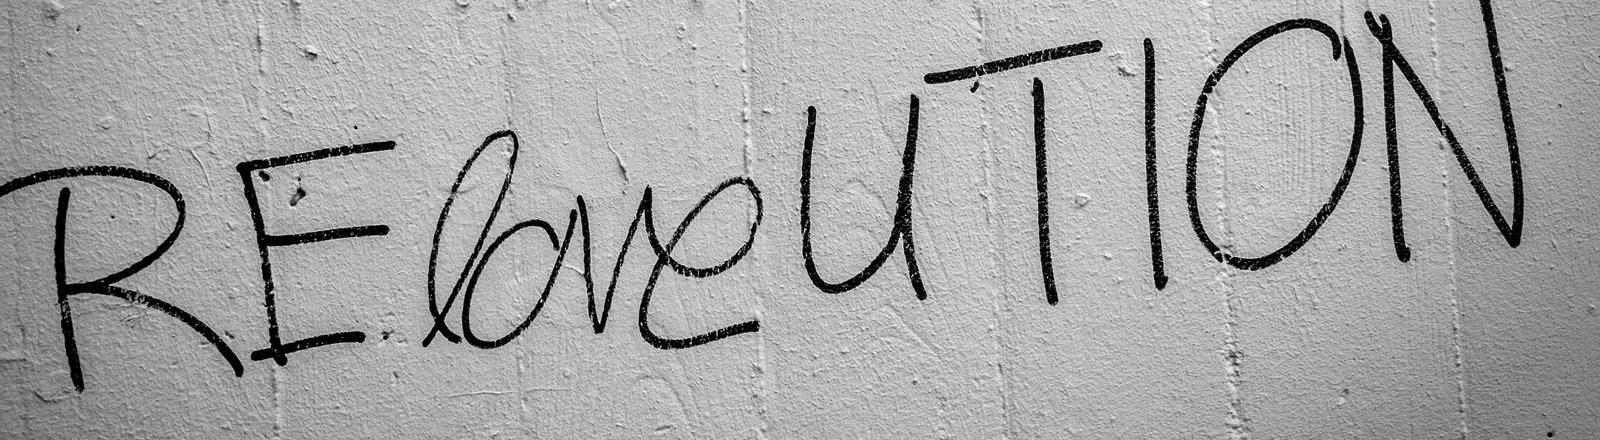 Auf einer Wand steht Reloveution, eine Mischung aus Love und Revolution.